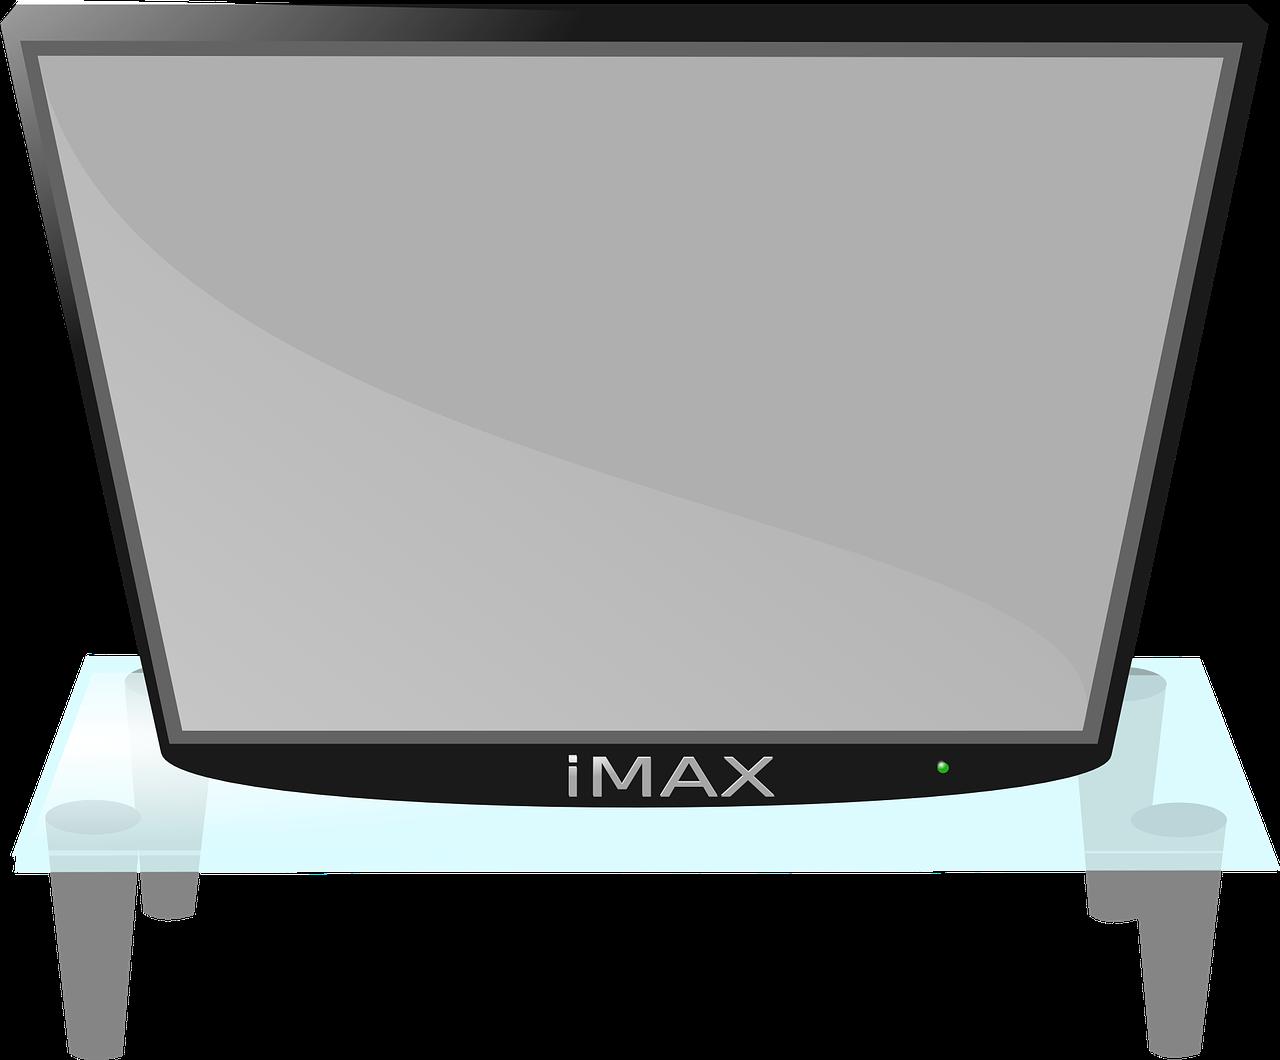 映画館でよく聞くIMAXって普通と何が違うの!?IMAX3Dて?今更聞けない知識解説